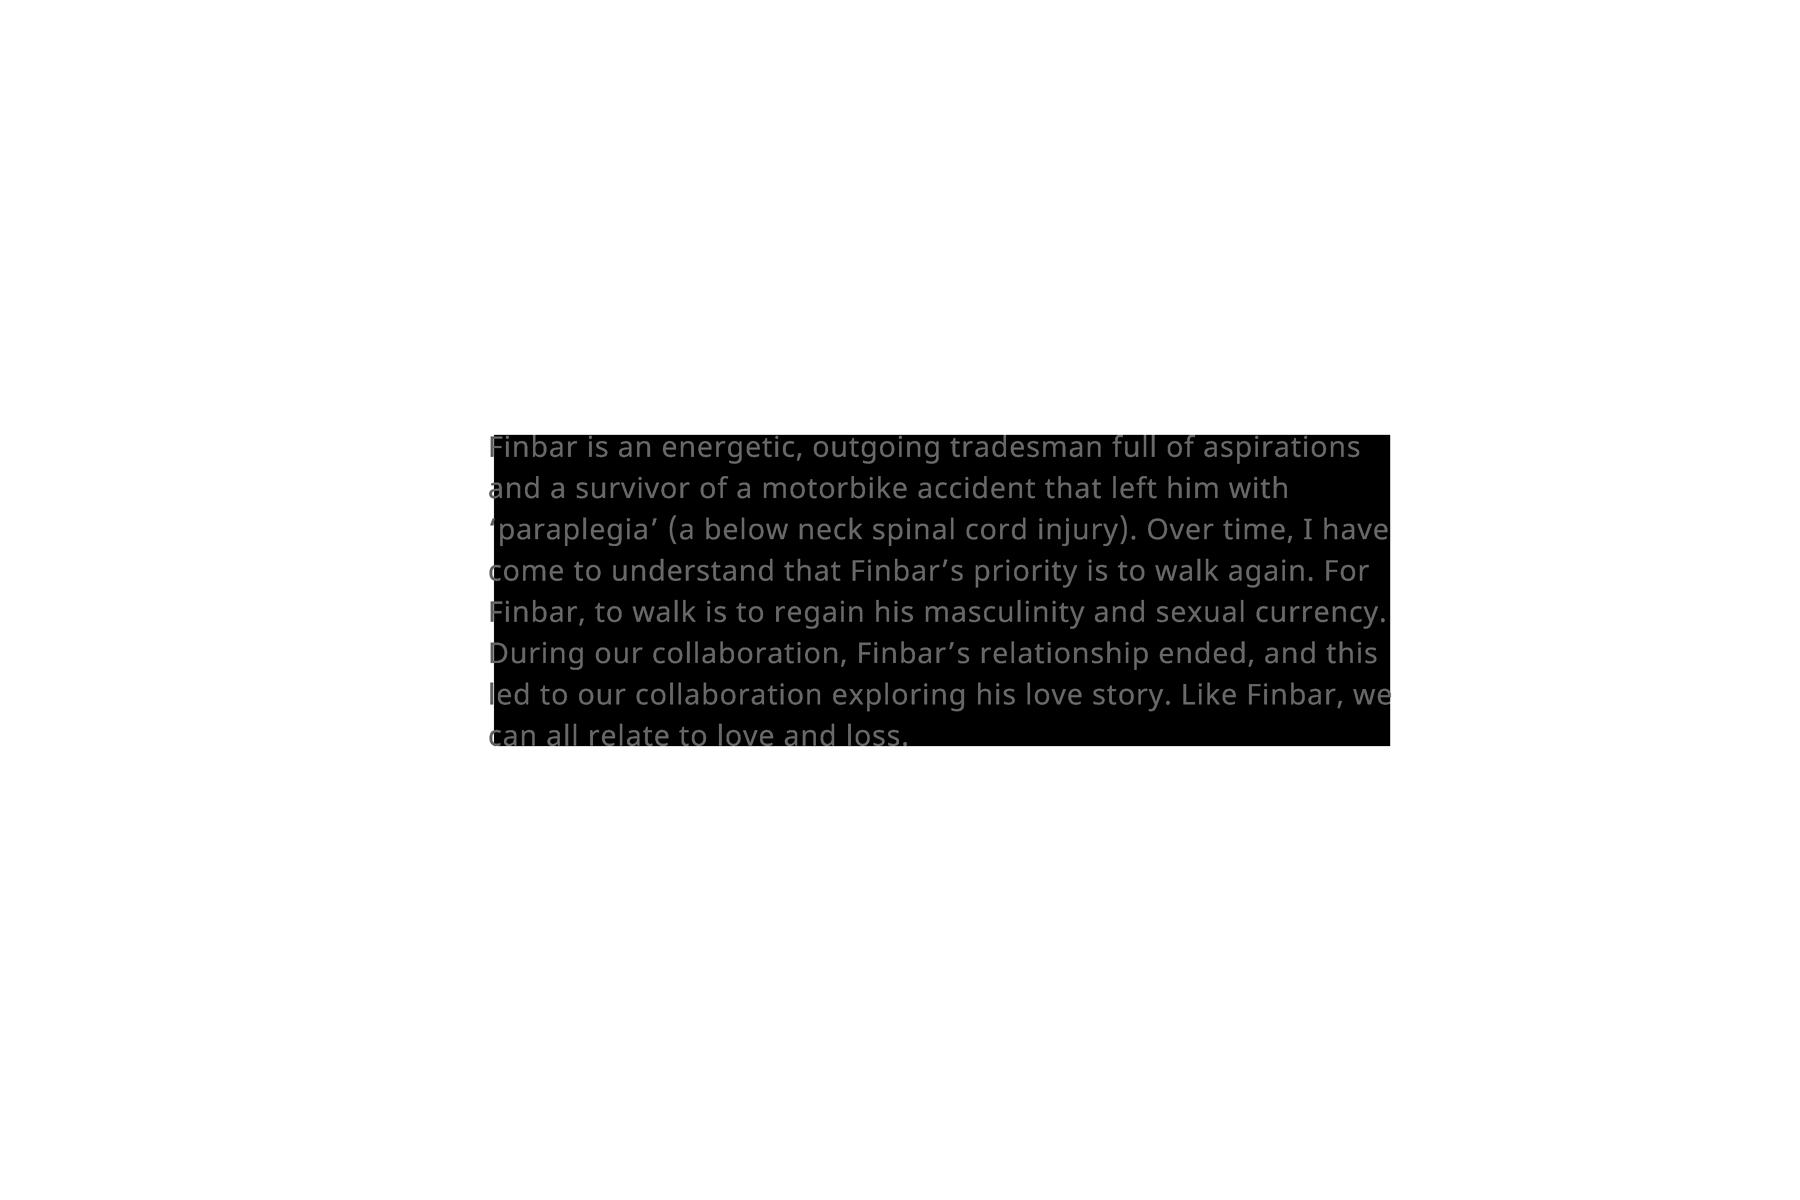 Finbar-Text